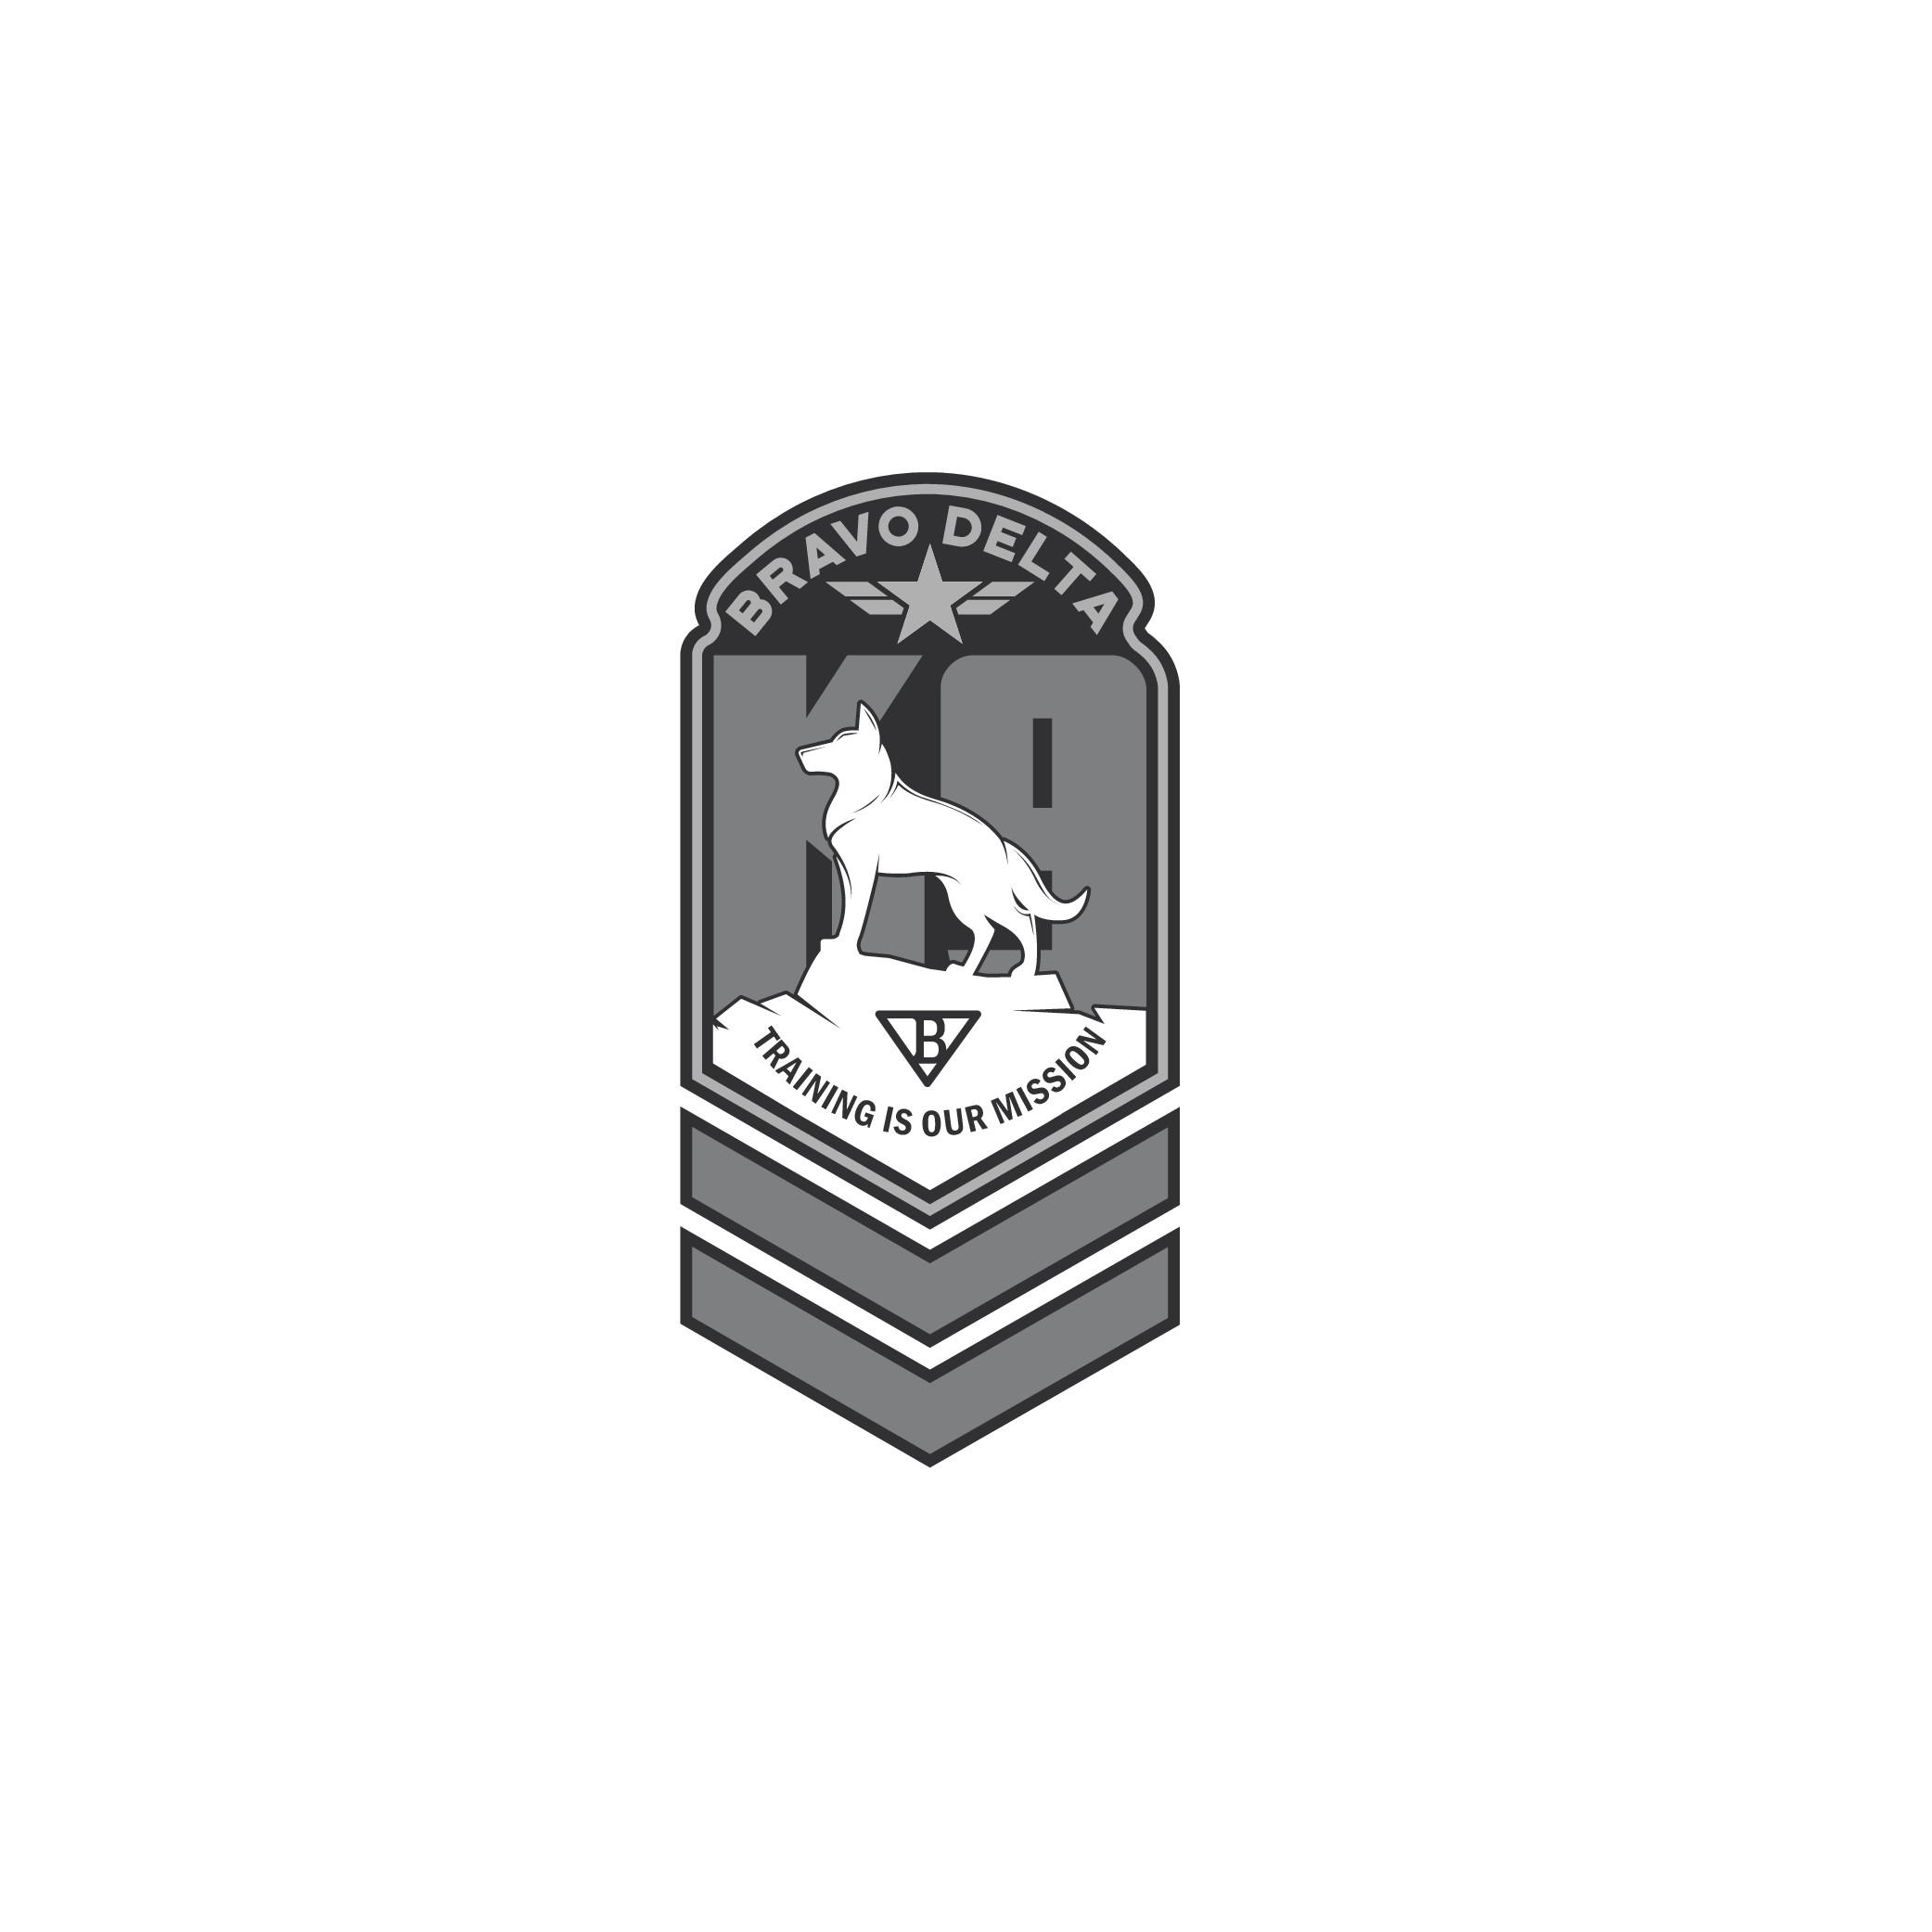 Dog Training Logo for Bravo Delta K9